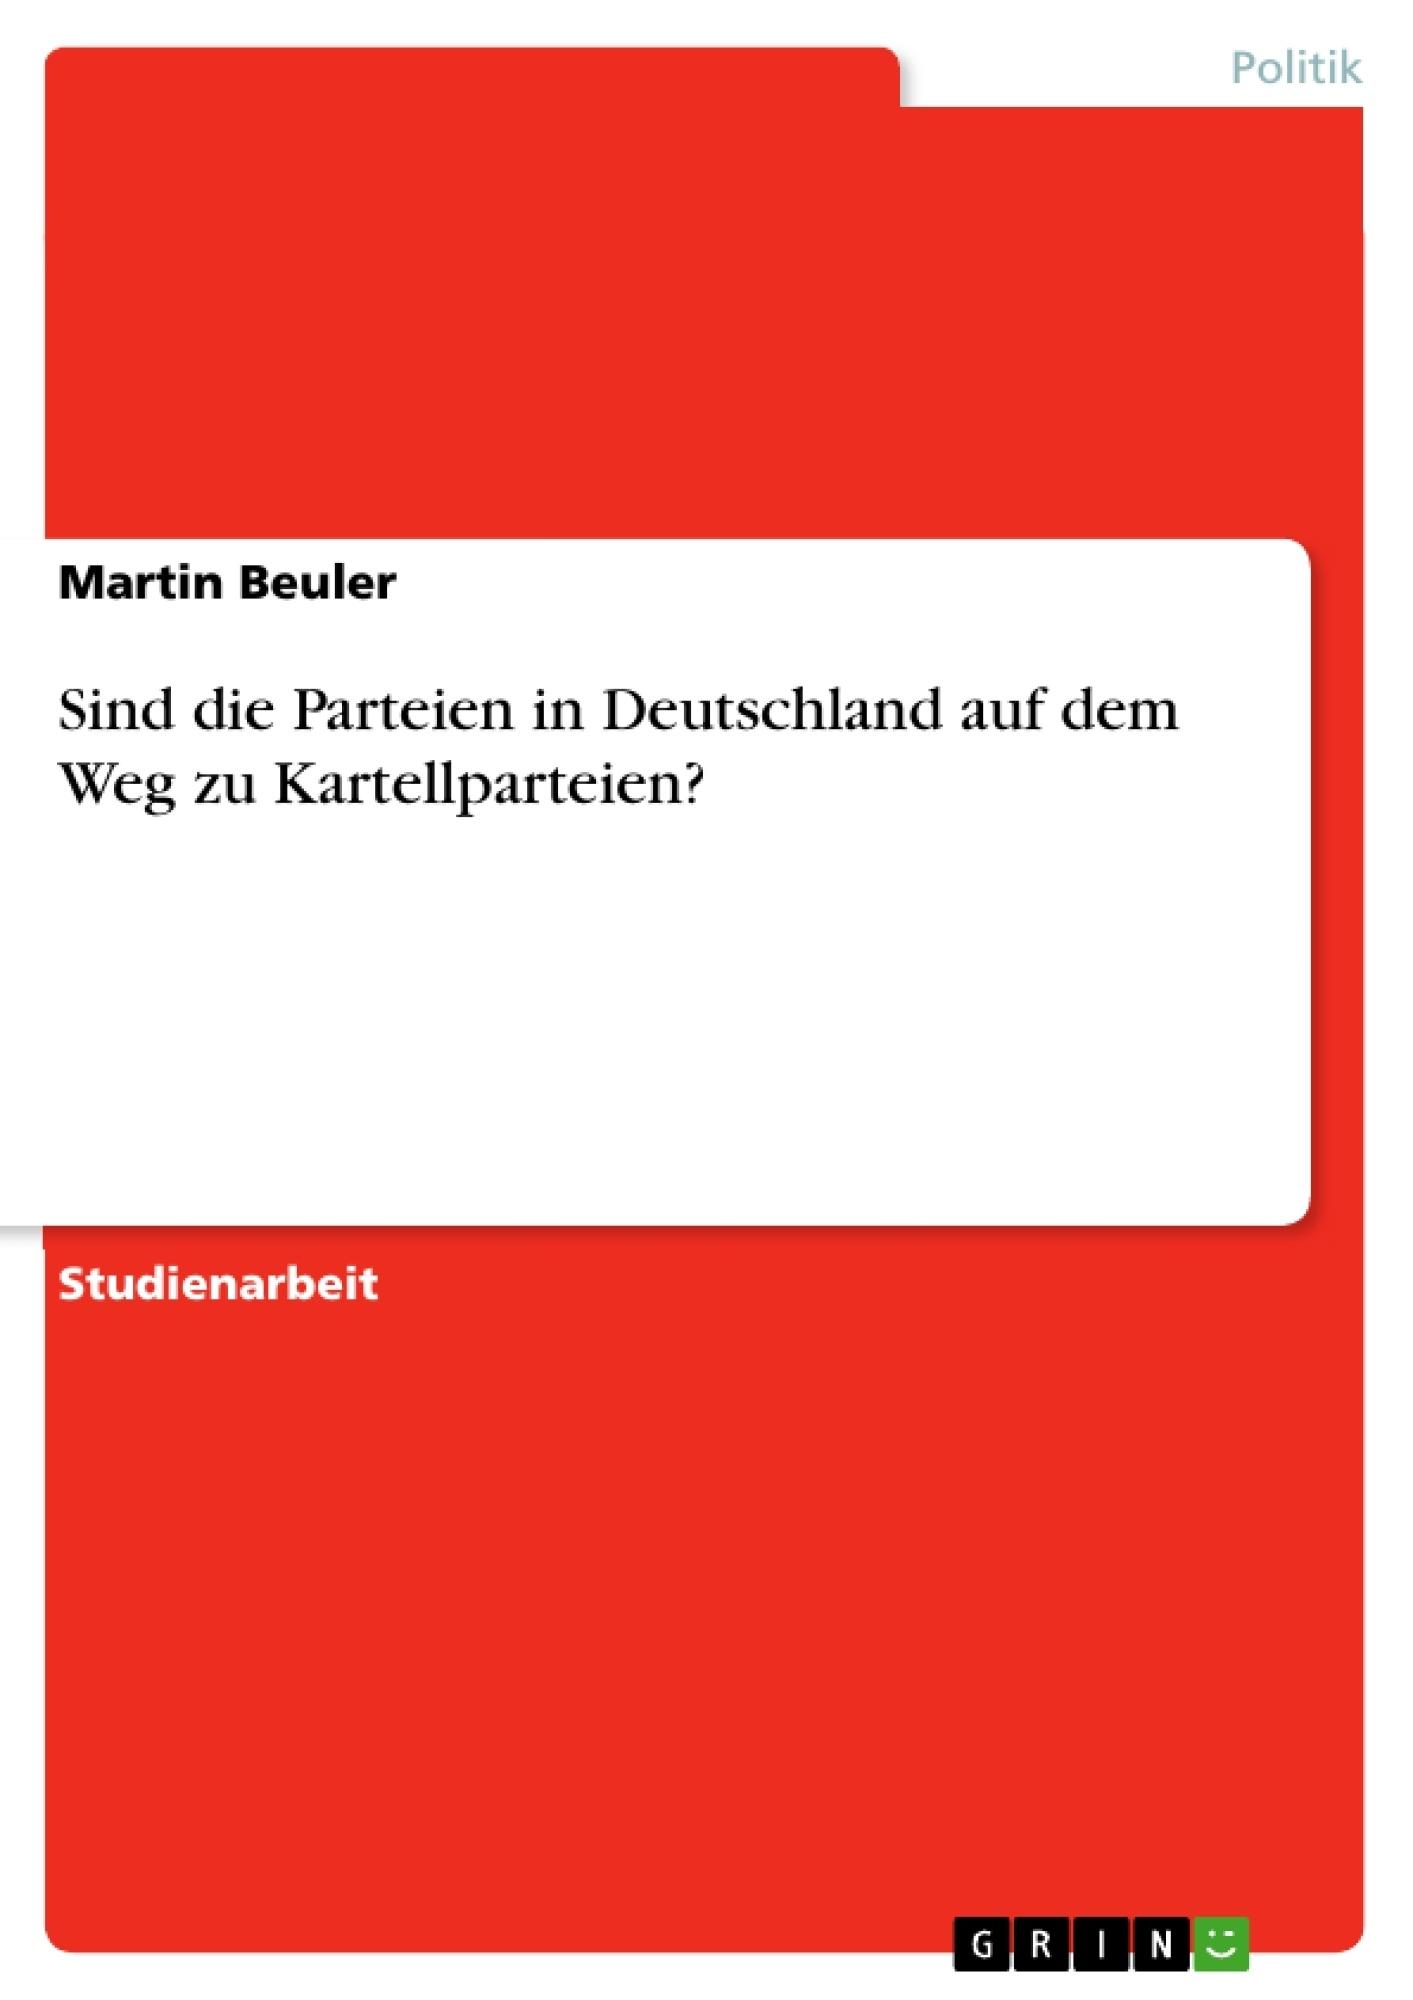 Titel: Sind die Parteien in Deutschland auf dem Weg zu Kartellparteien?